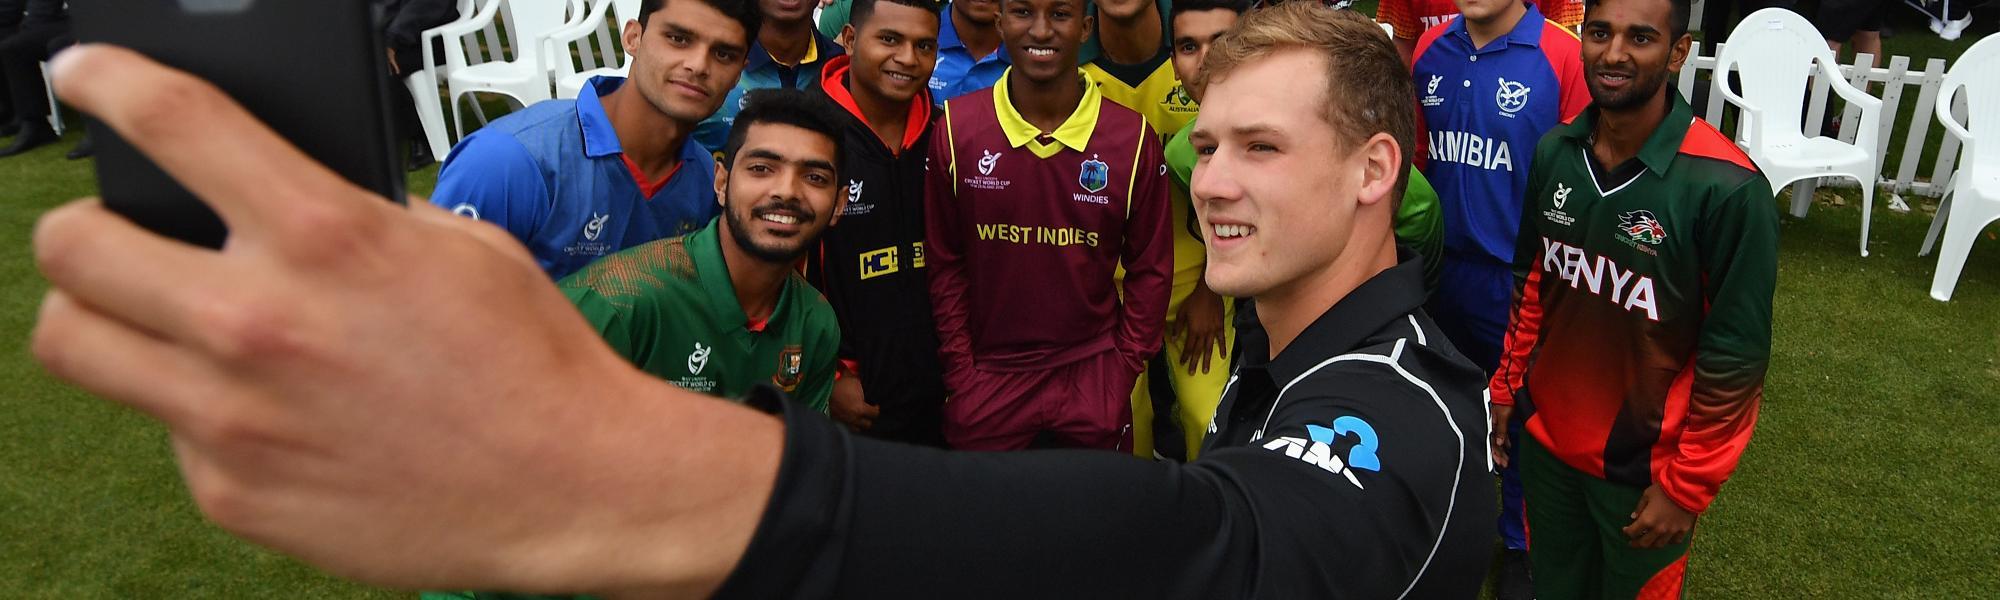 ICC U19 CWC selfie.